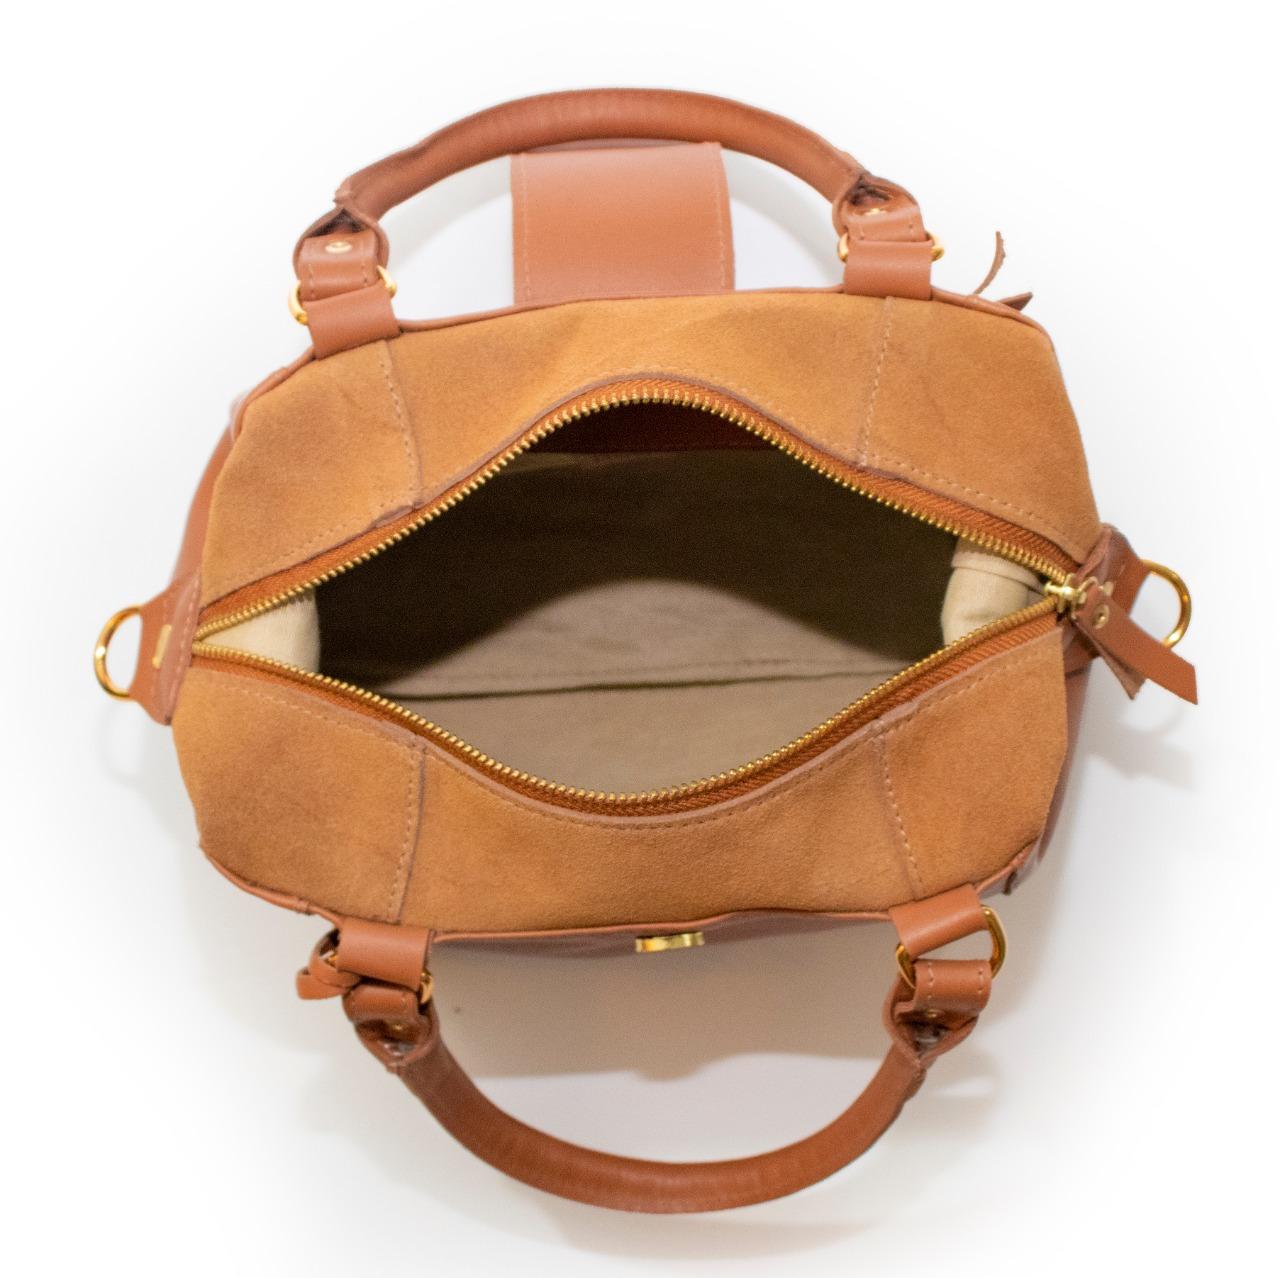 Bolsa de Couro Caramelo Jojo Bag